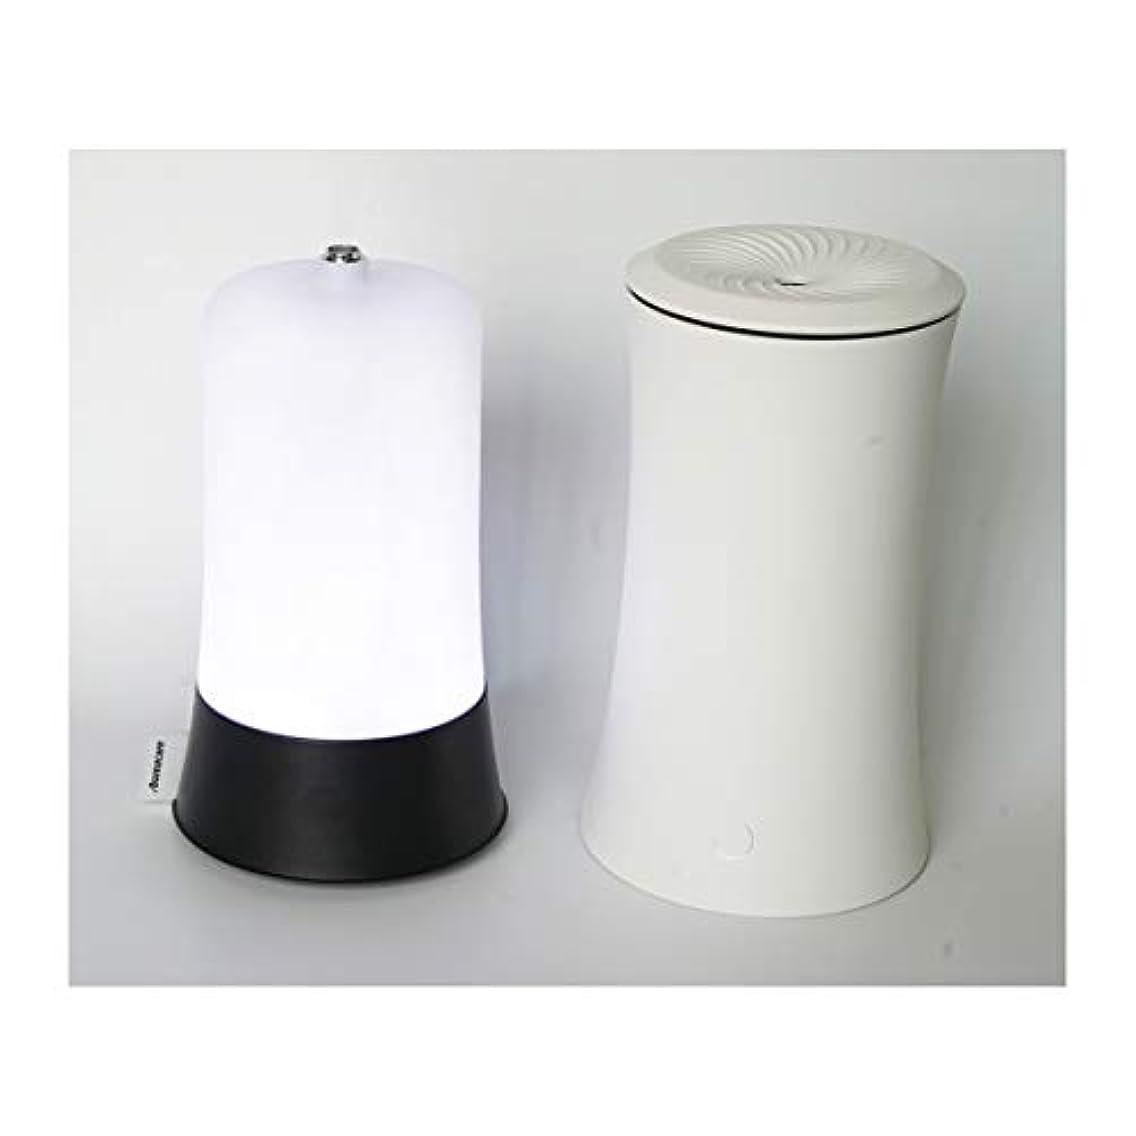 偶然のドール保証するウッドグレイン超音波アロマクールミスト300mlエッセンシャルオイルディフューザー、アロマ加湿器付き、水なしオートシャットオフ、7色LEDライトホームオフィス用ベビーホワイト